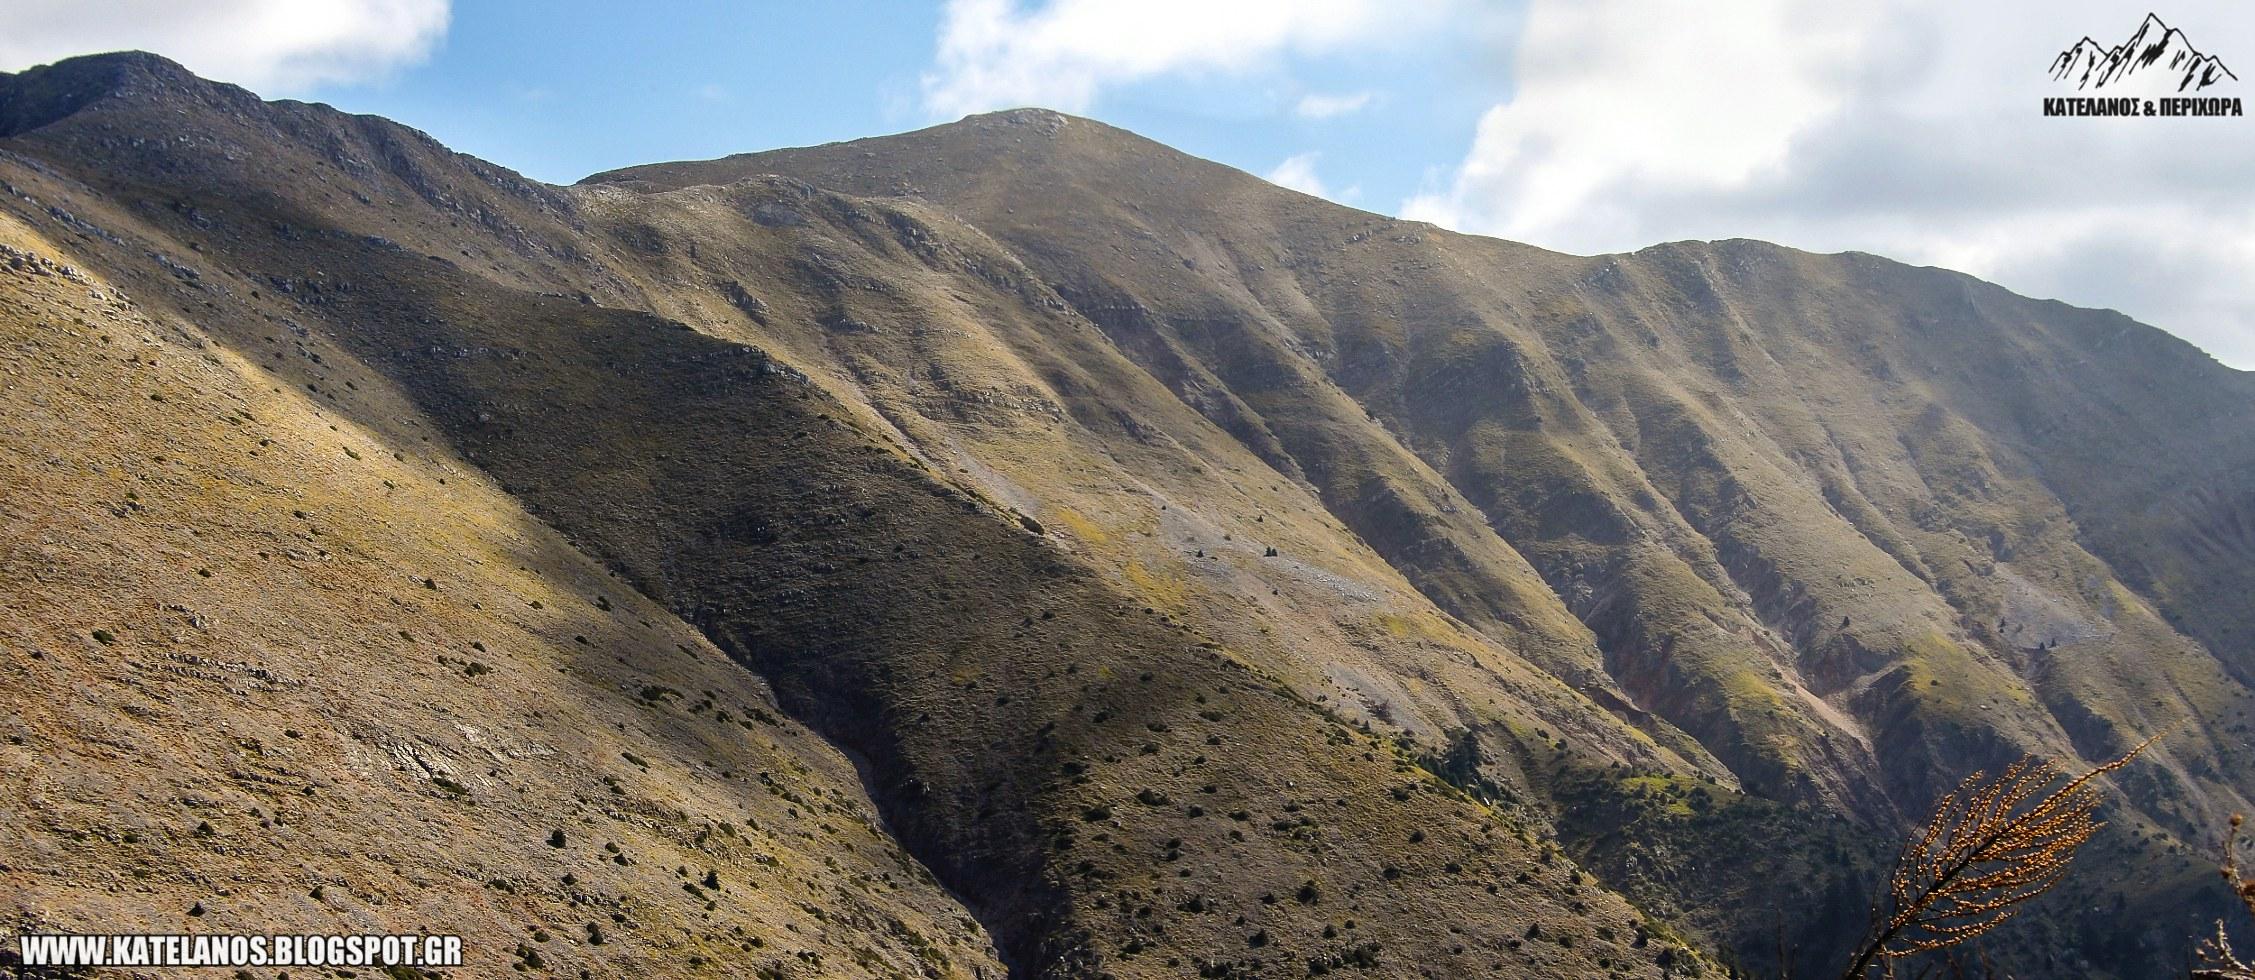 κατελάνος αγρινίου βουνοκορφή θέα απο γερακούλα